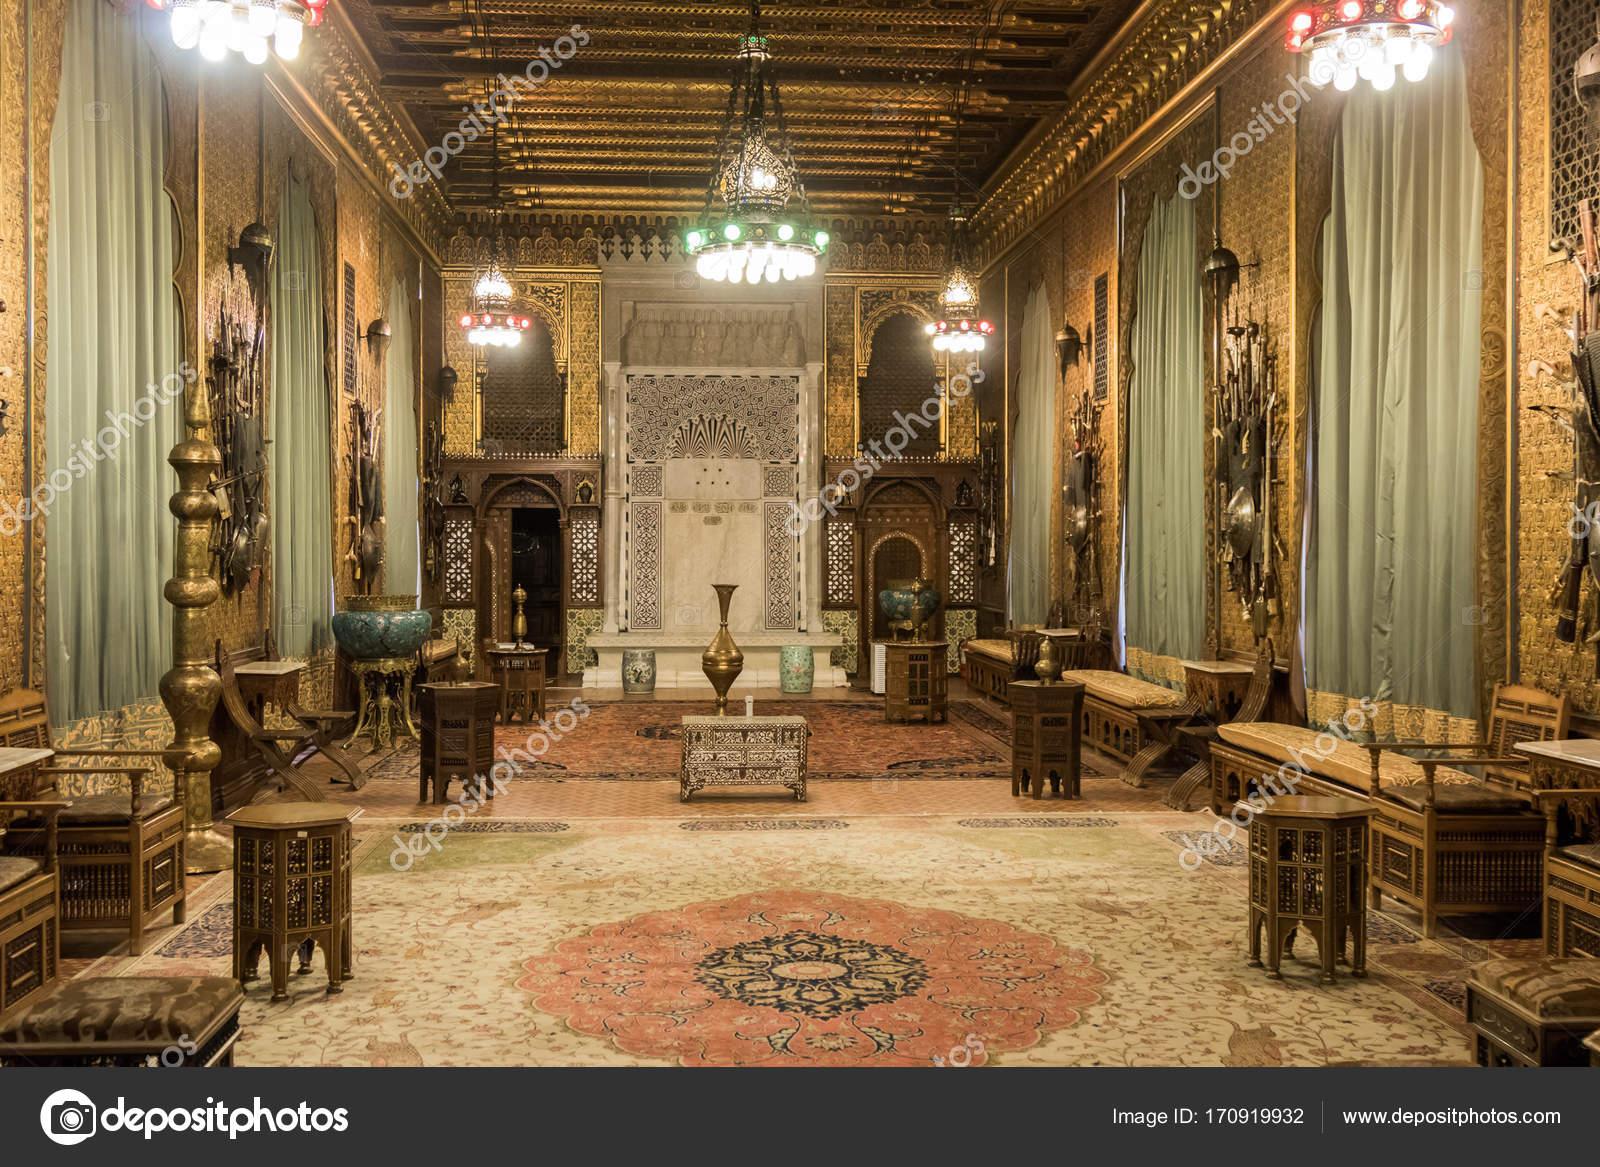 Het interieur van het kasteel Peles in Sinaia, Roemenië ...